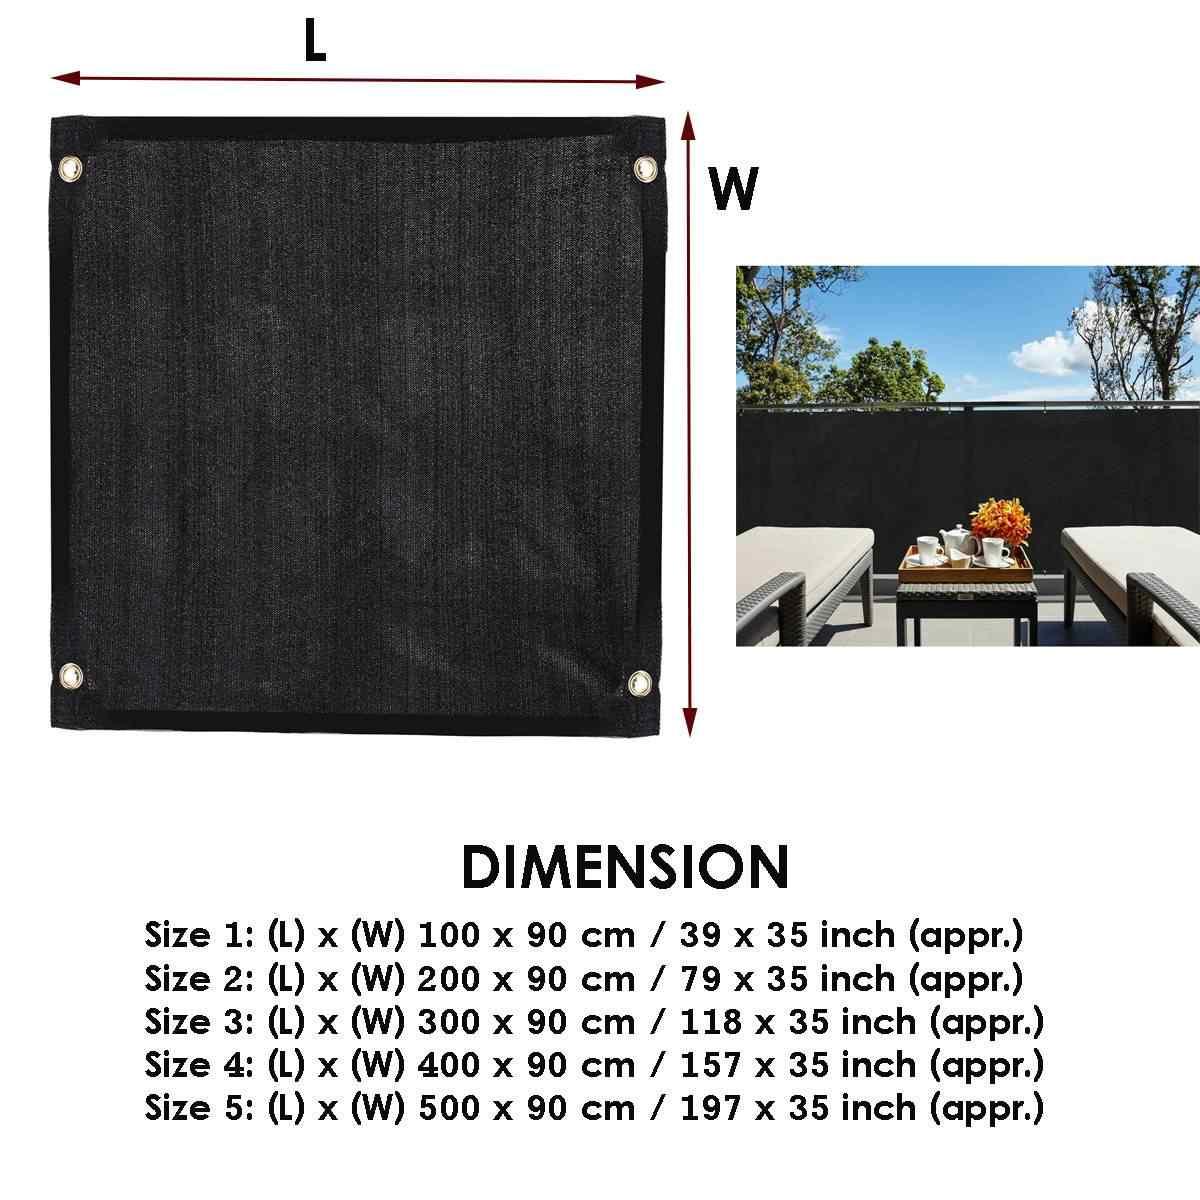 Ekran zasłaniający markiza osłona ogrodzeniowa na Balkon płot ogrodowy pokrywa Balkon Scherm Breeze View Deck Shade Yard